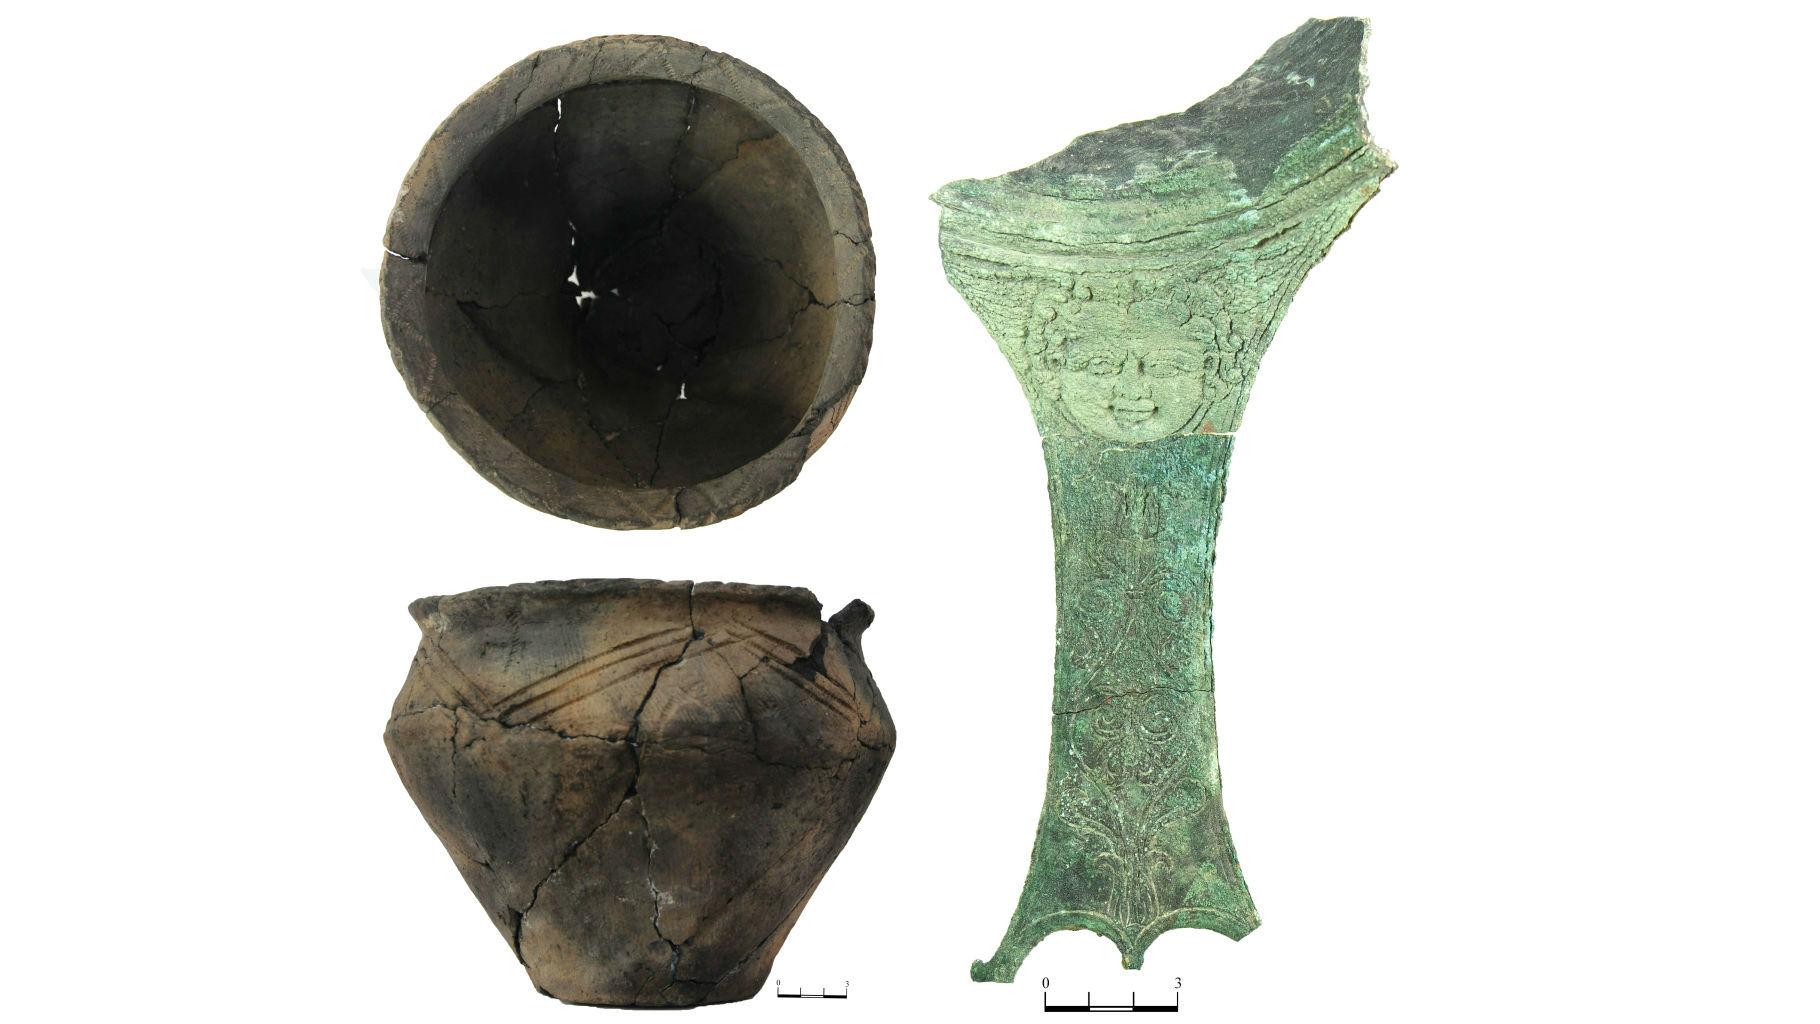 Лепной горшок и ручка бронзового ковша, также найденные в захоронении